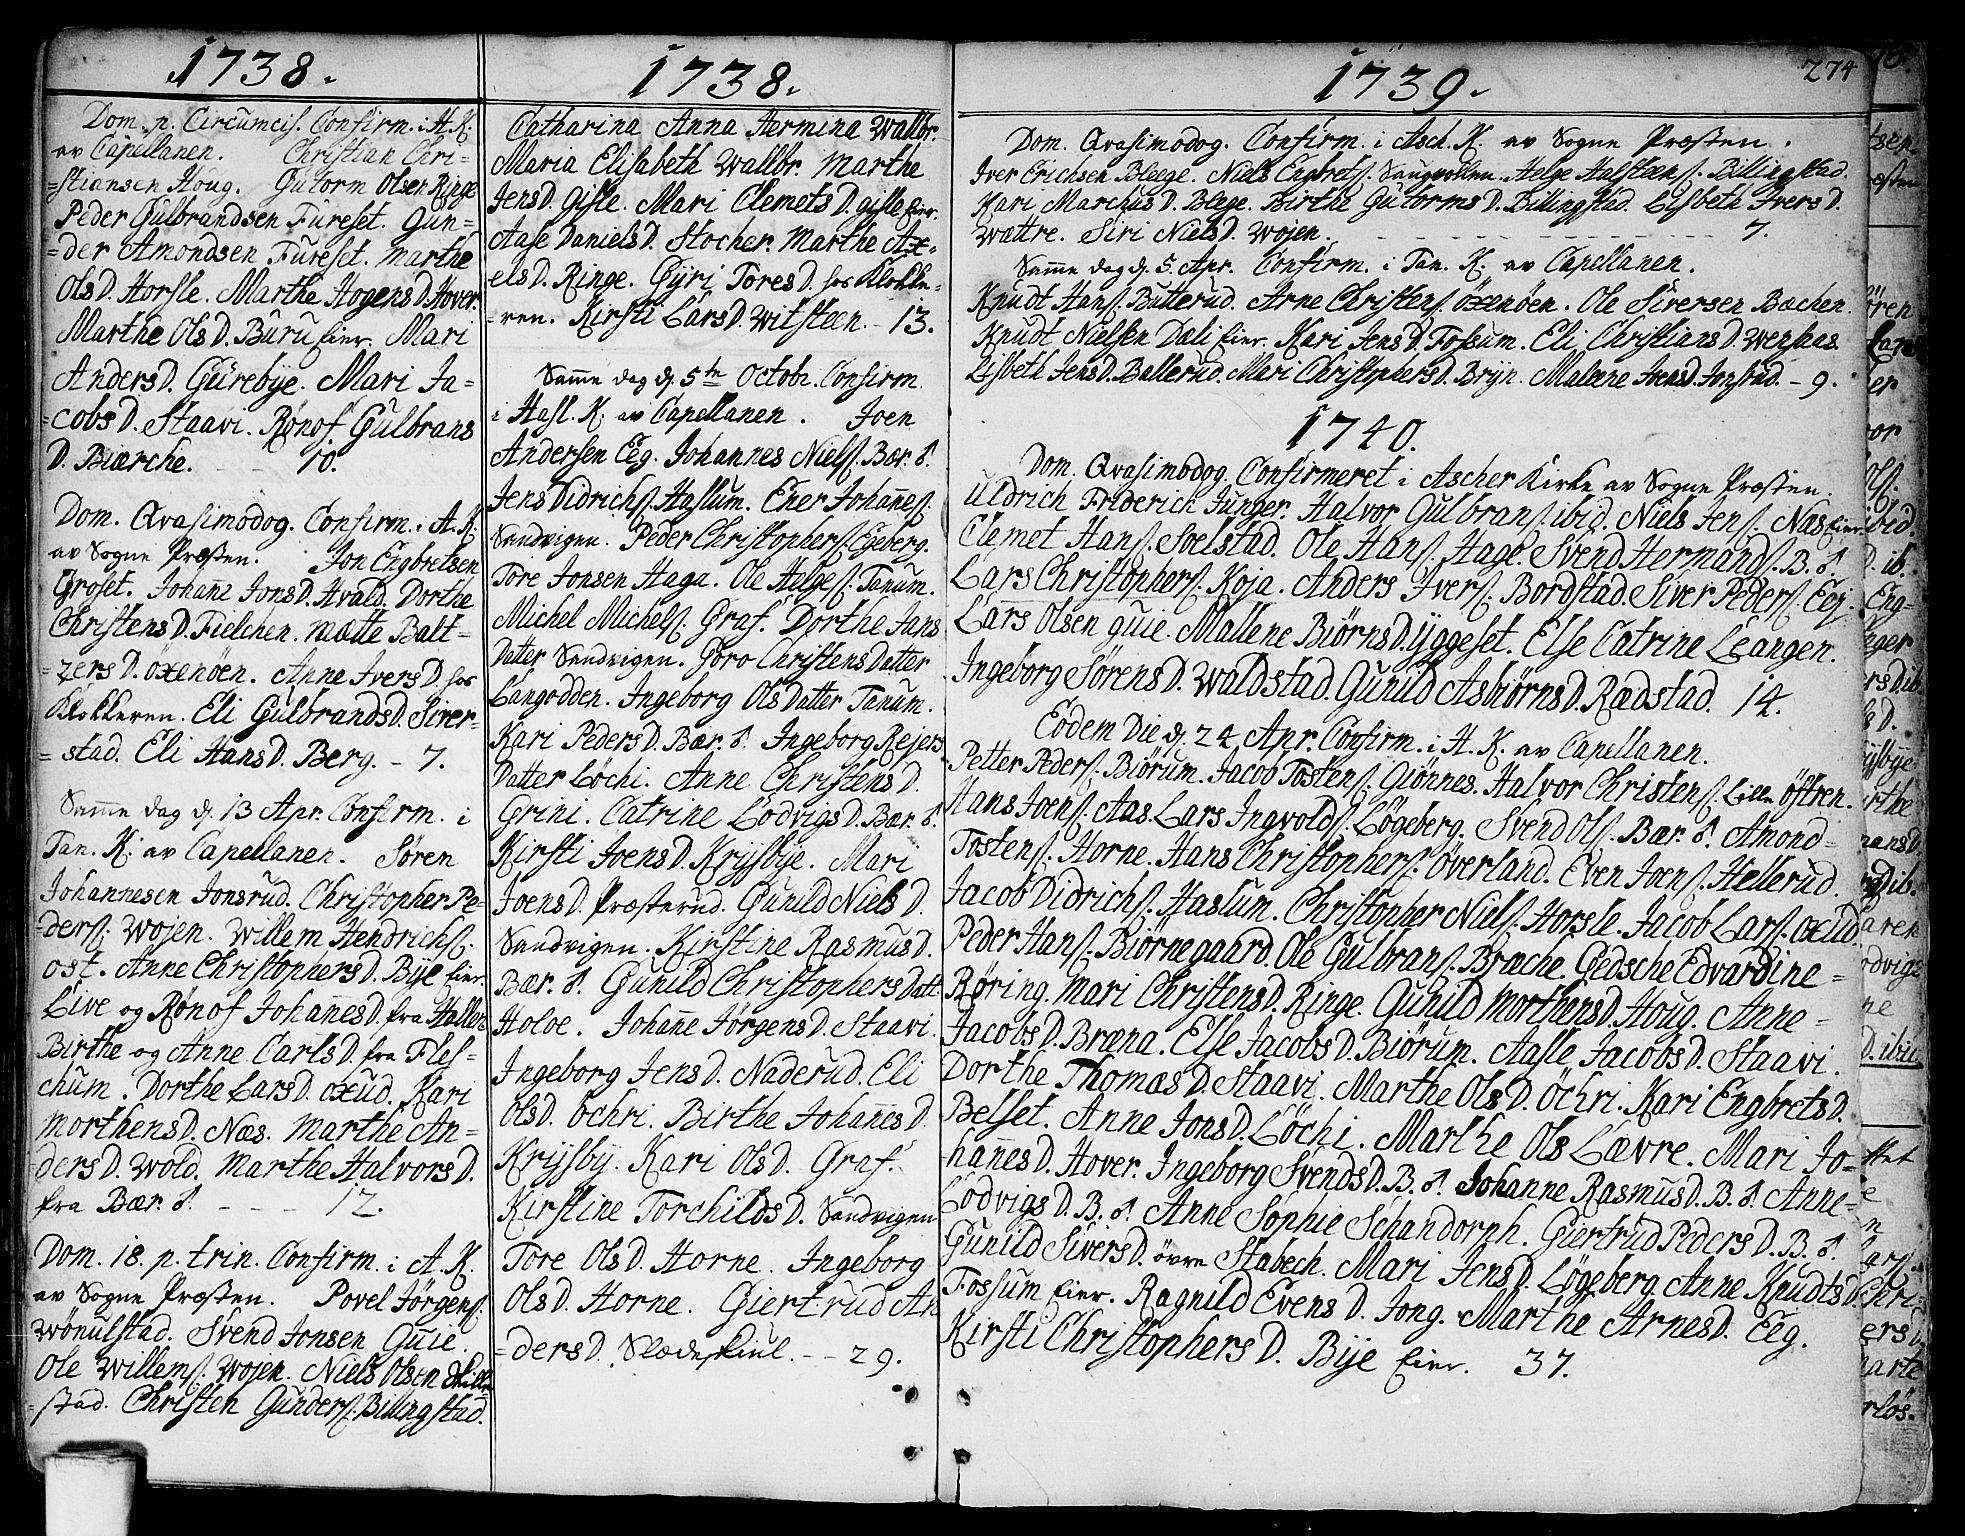 SAO, Asker prestekontor Kirkebøker, F/Fa/L0002: Ministerialbok nr. I 2, 1733-1766, s. 274